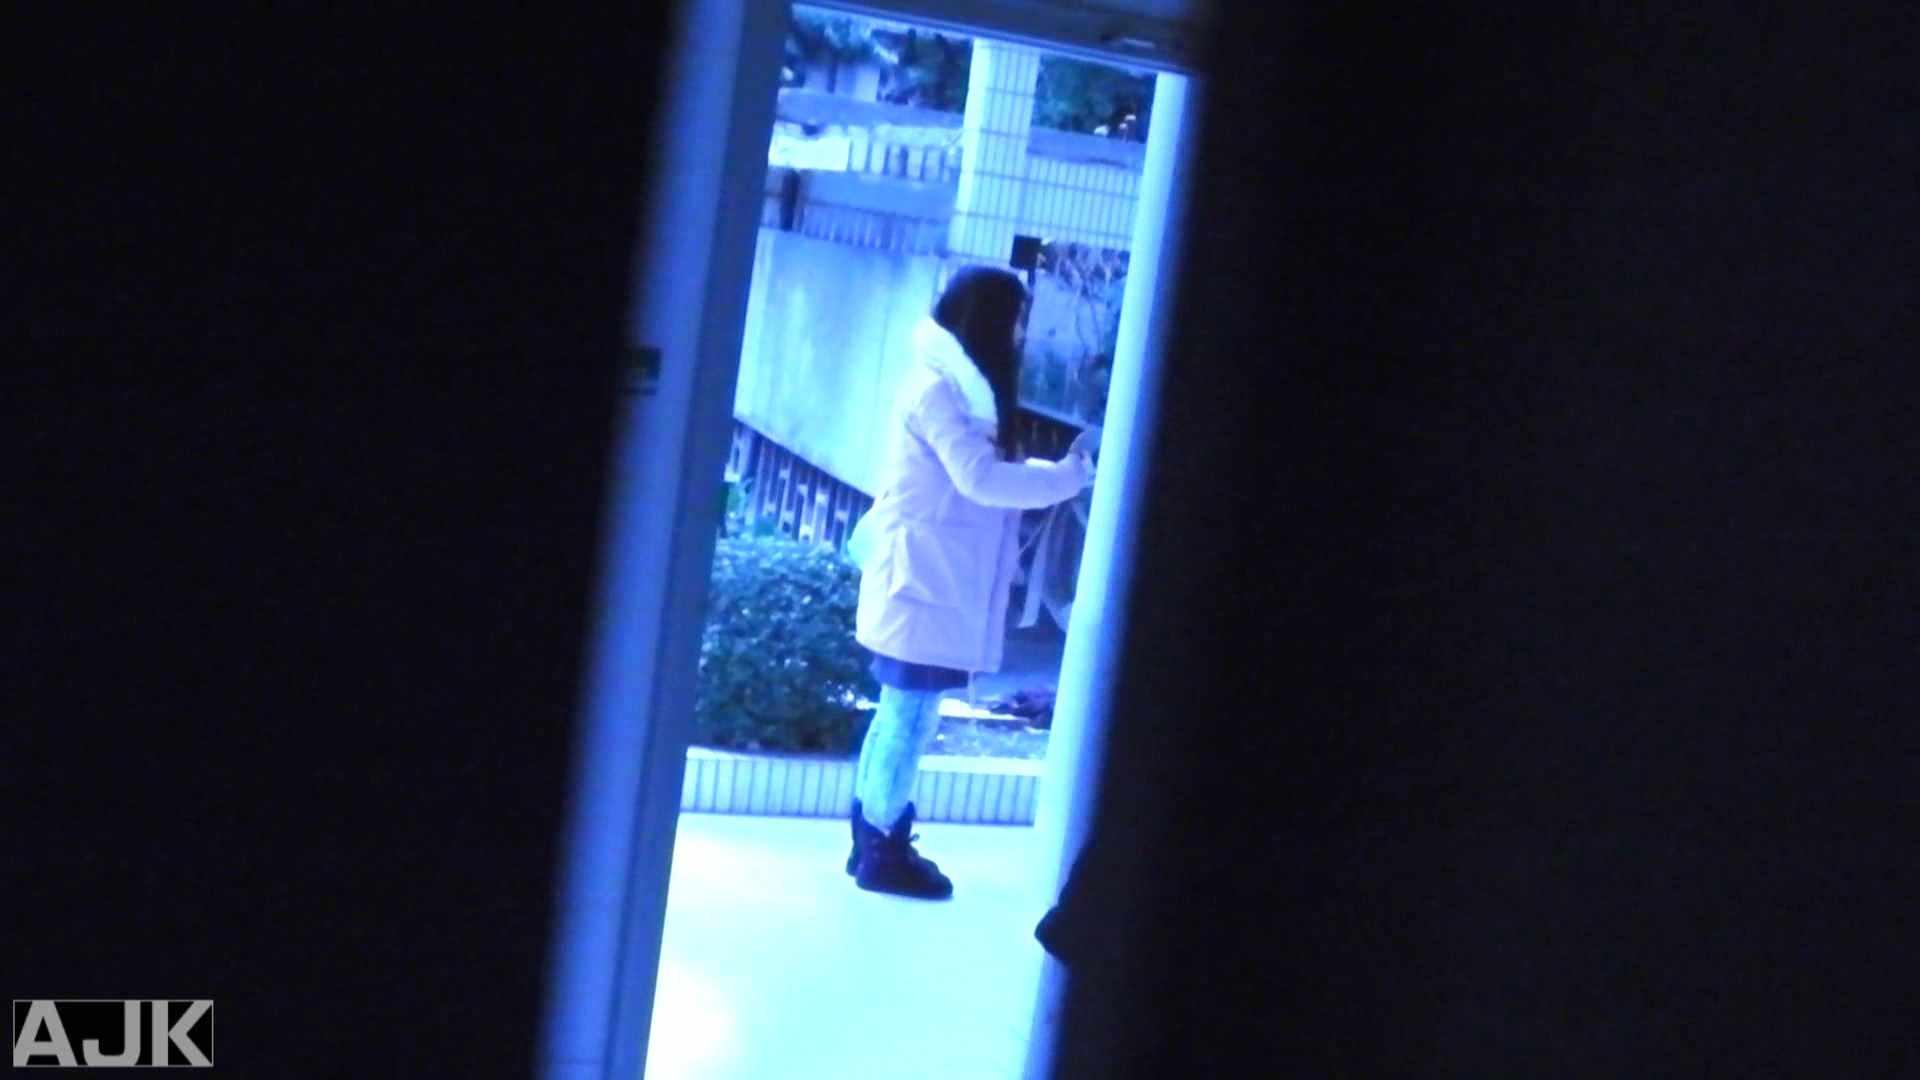 隣国上階級エリアの令嬢たちが集うデパートお手洗い Vol.07 盗撮で悶絶 セックス画像 53画像 3